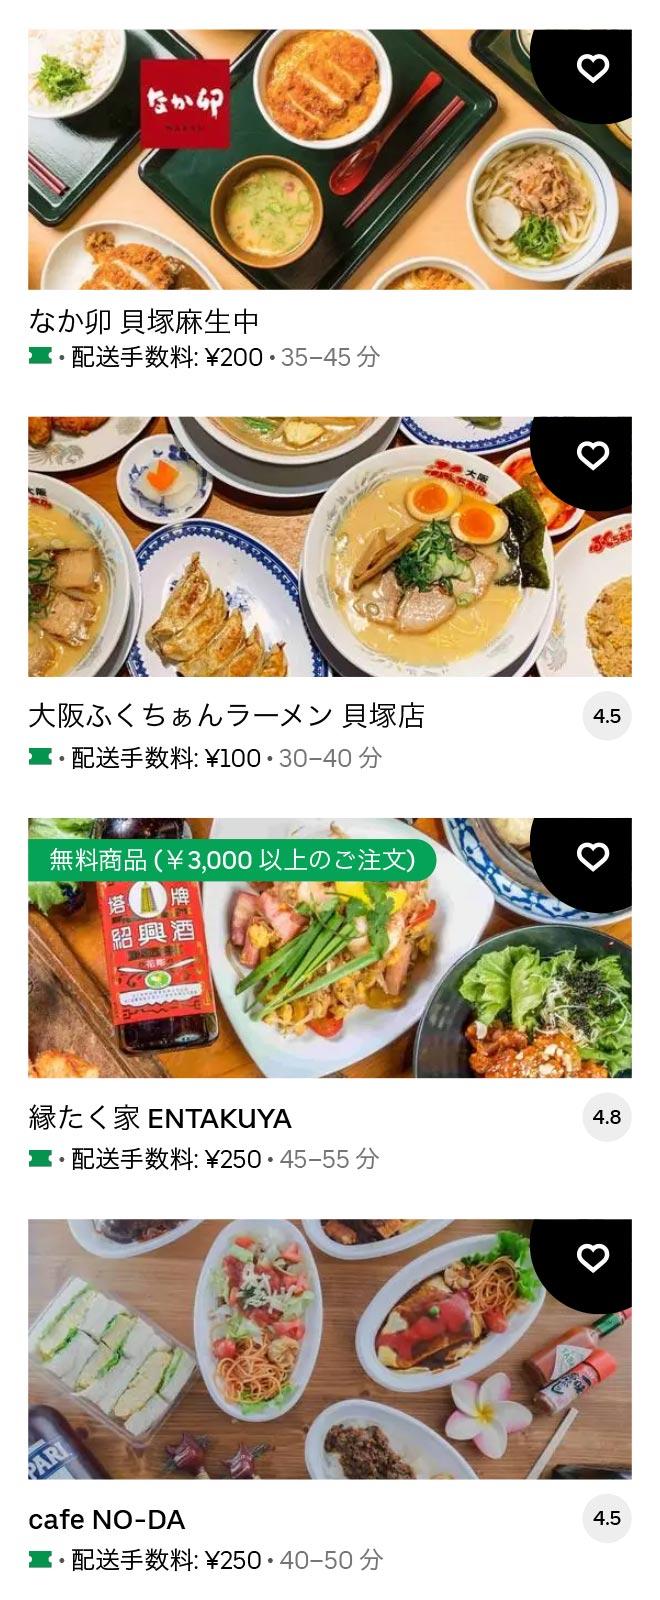 U o kaizuka 2105 03